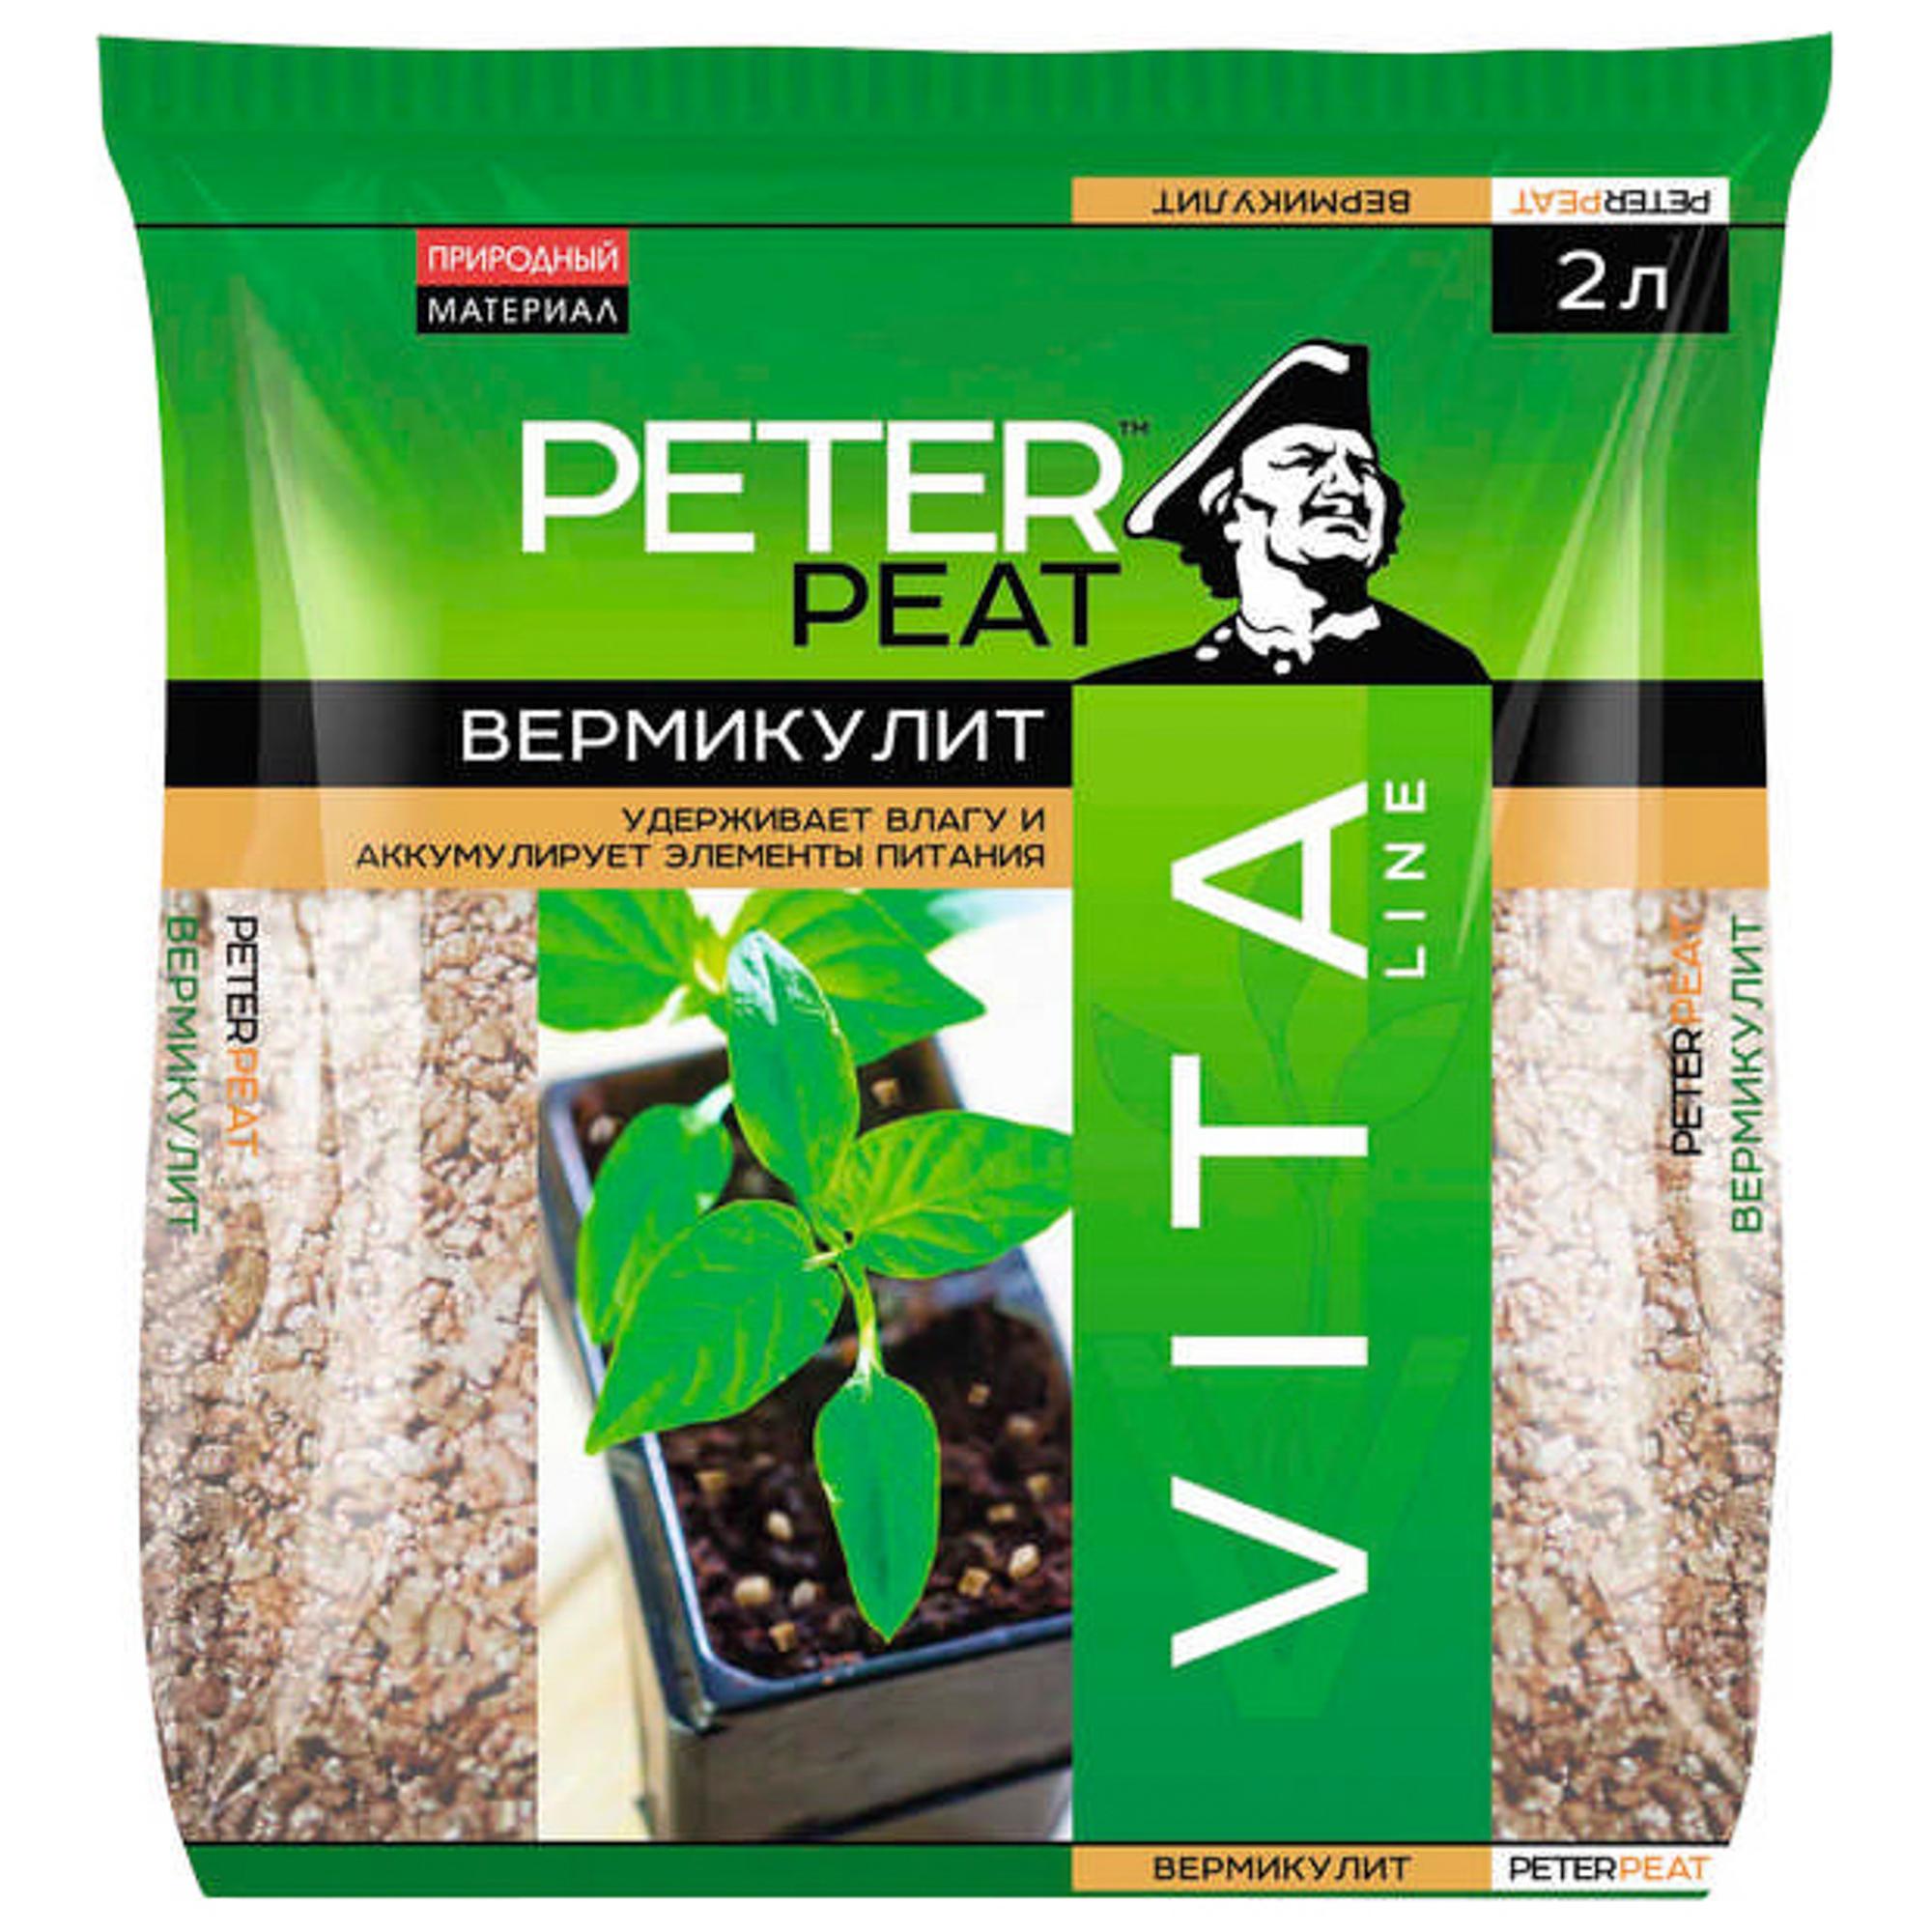 Вермикулит Peter Peat линия Vita 2 л.